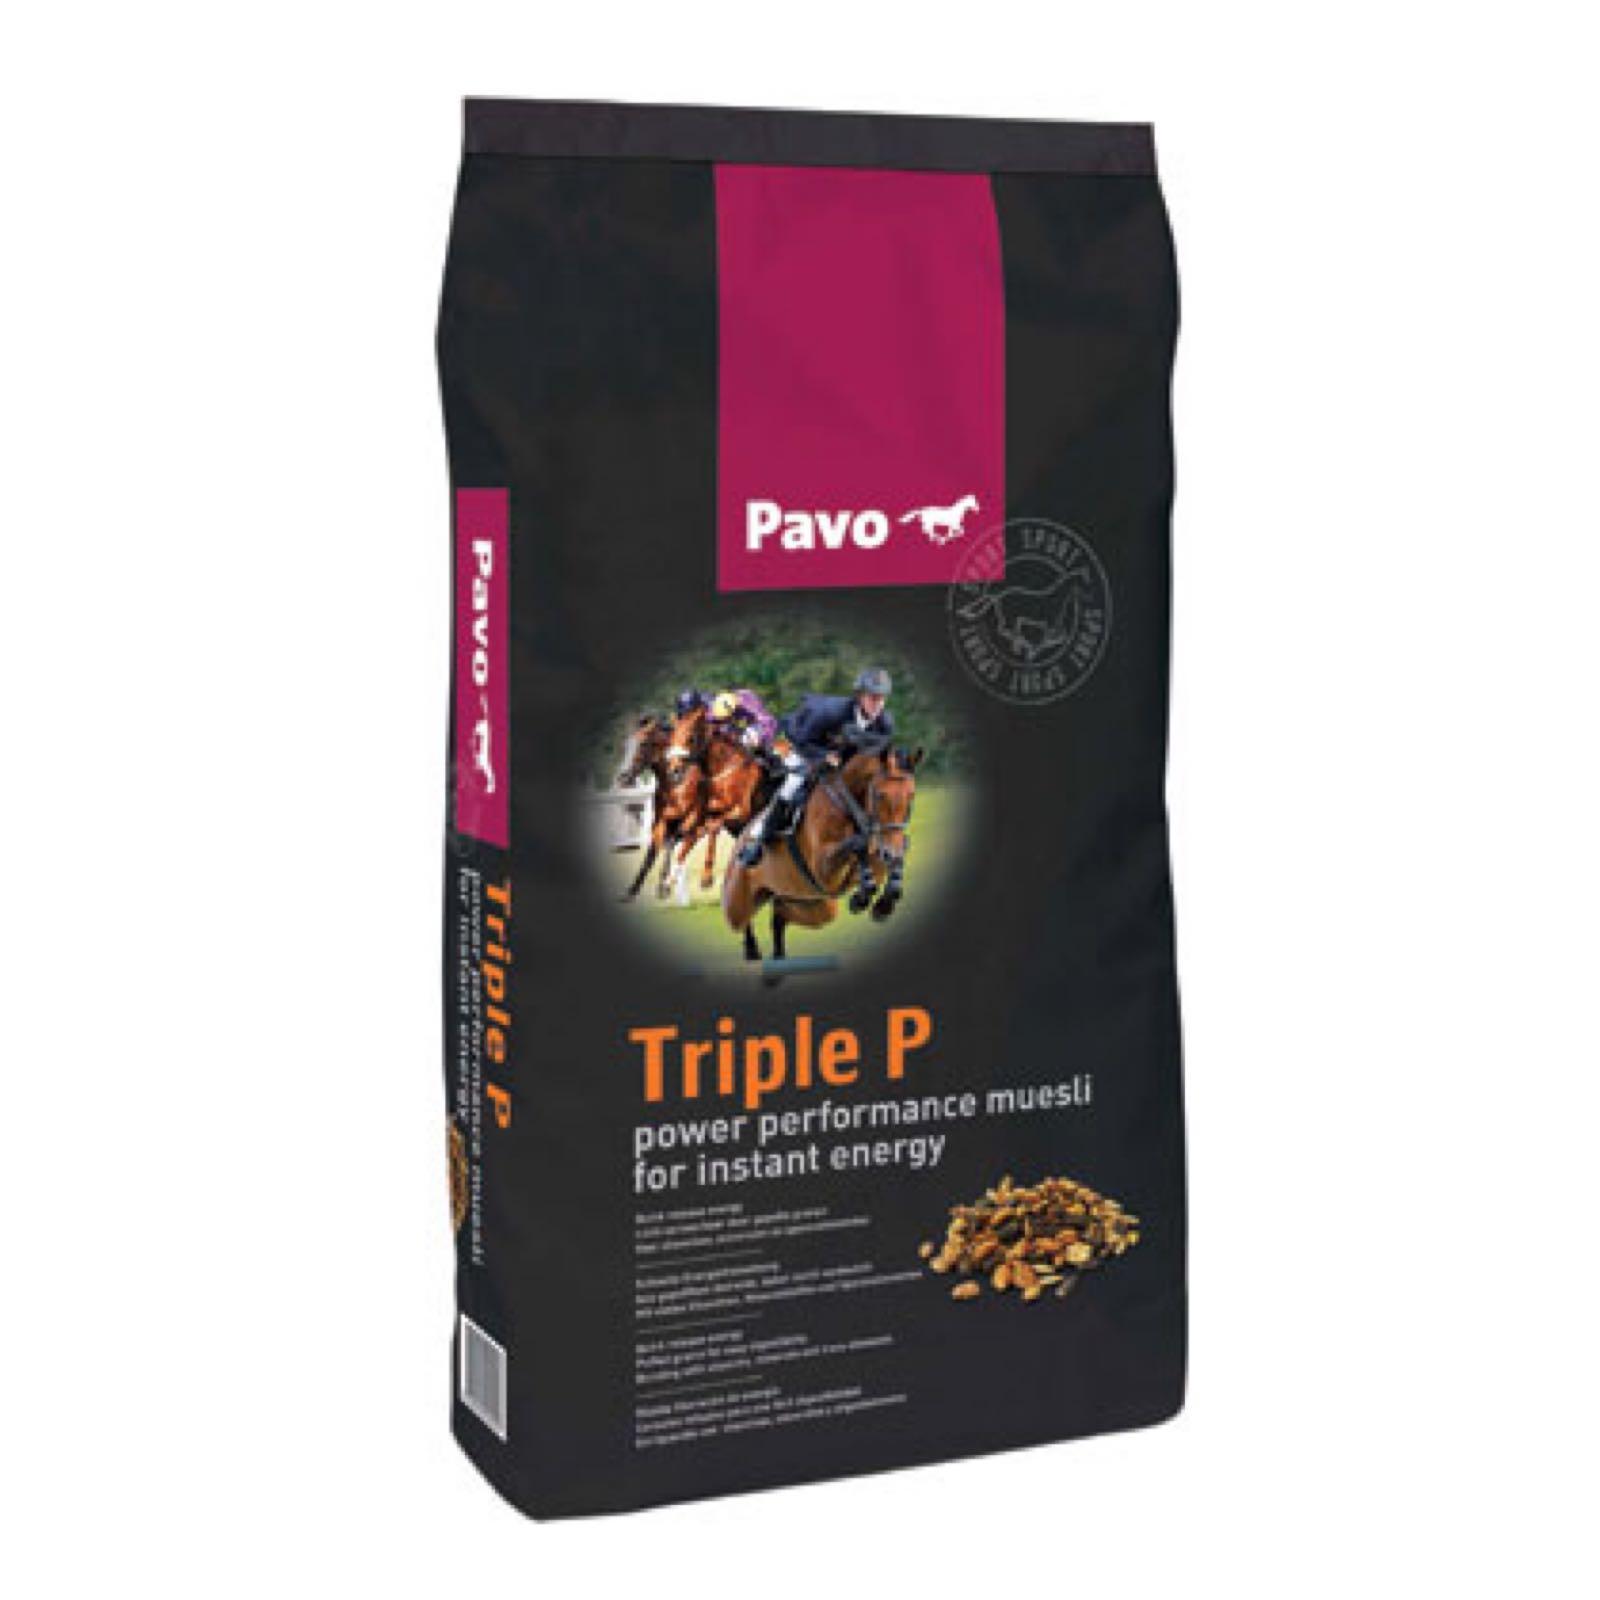 PAVO Triple P